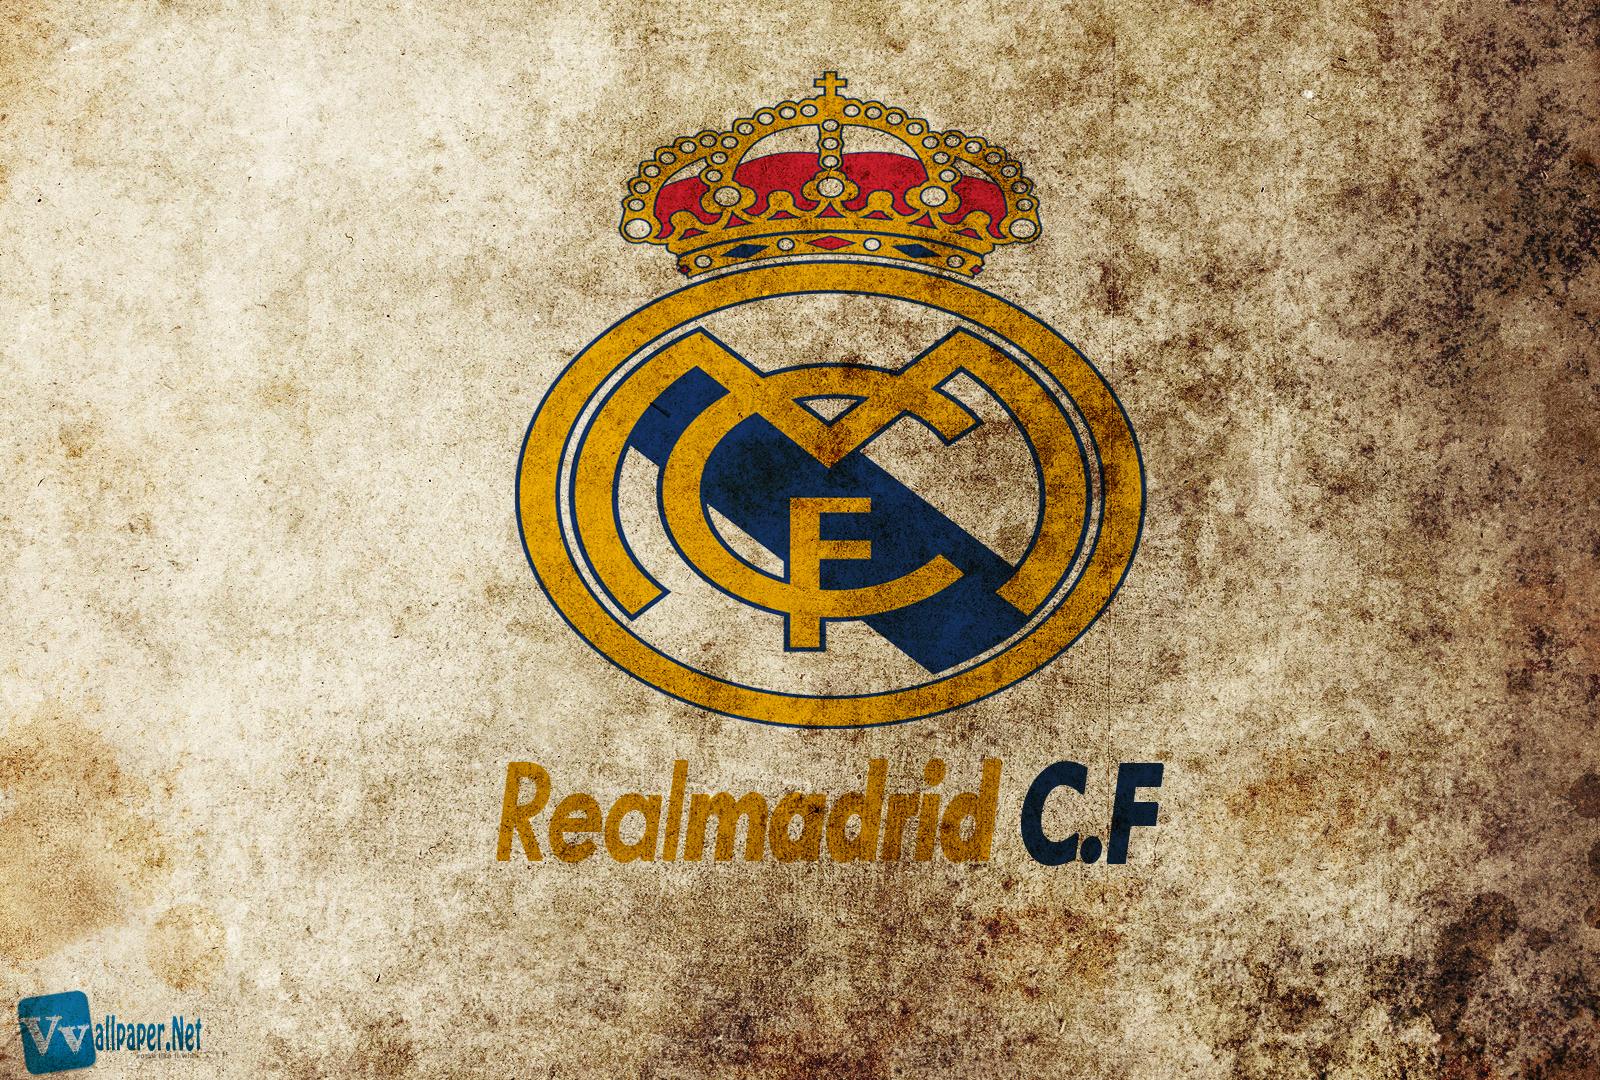 http://4.bp.blogspot.com/-r21zy1enx5w/TygMTM7vIaI/AAAAAAAAAdk/nItlRpVDhhU/s1600/Real_Madrid_CF_Logo_Design_HD_Wallpaper-Vvallpaper.Net.jpg